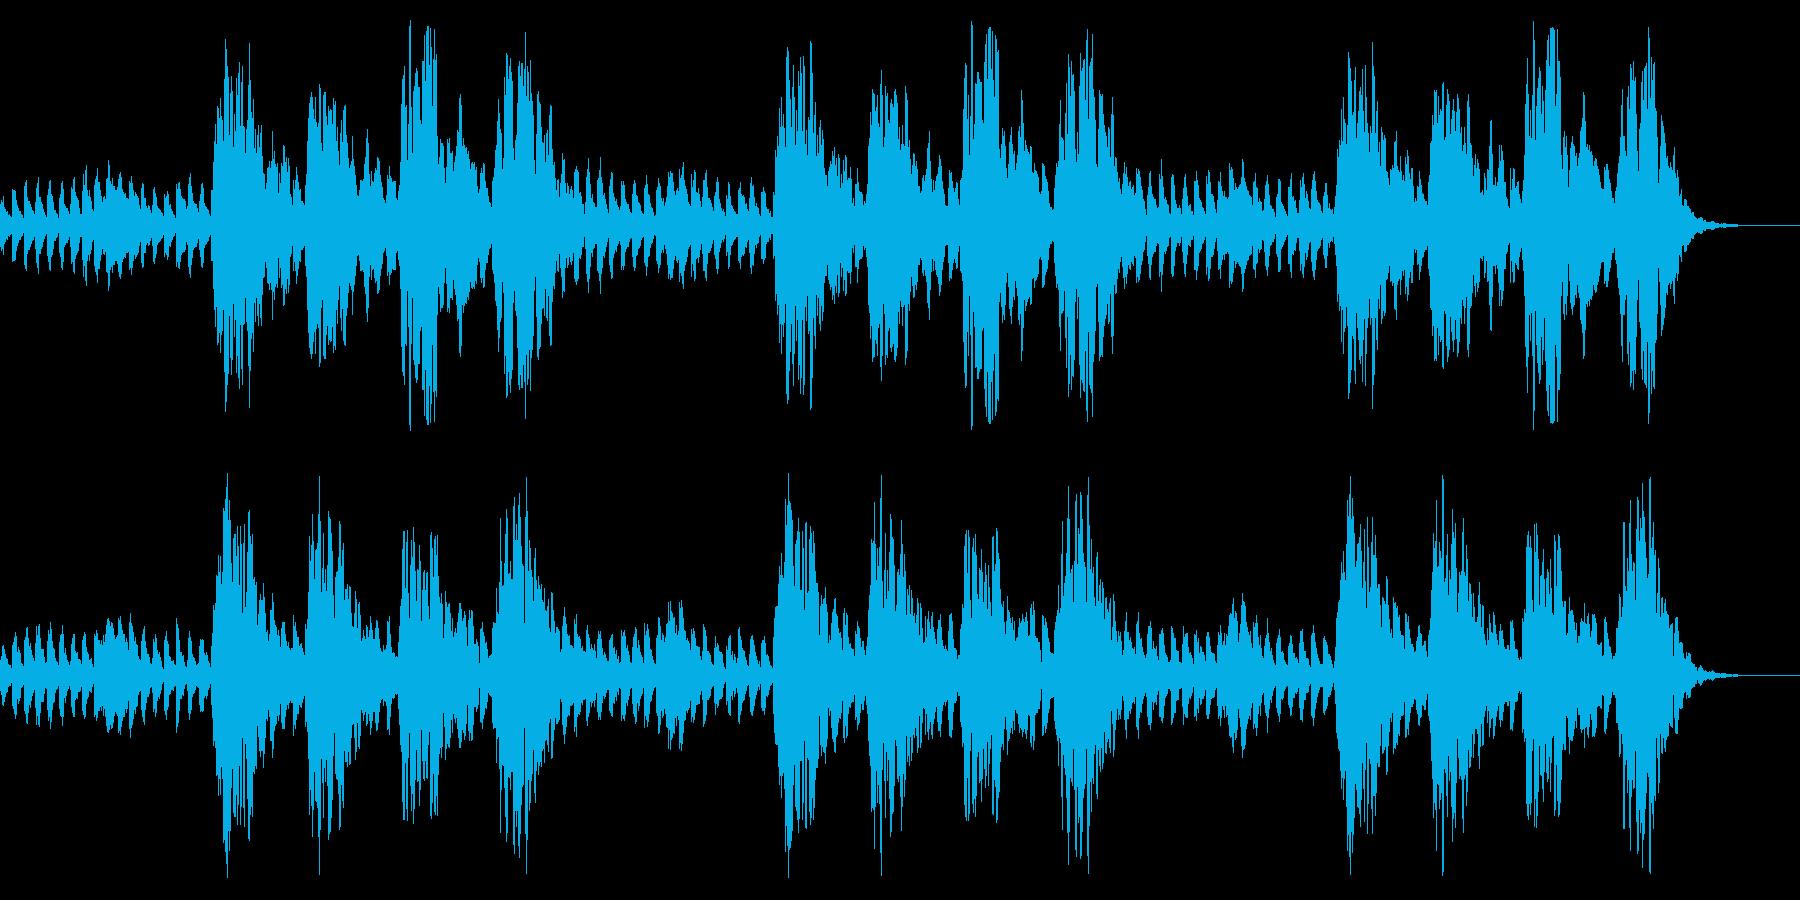 コーラスとピアノ 怪談 心霊 怖いBGMの再生済みの波形